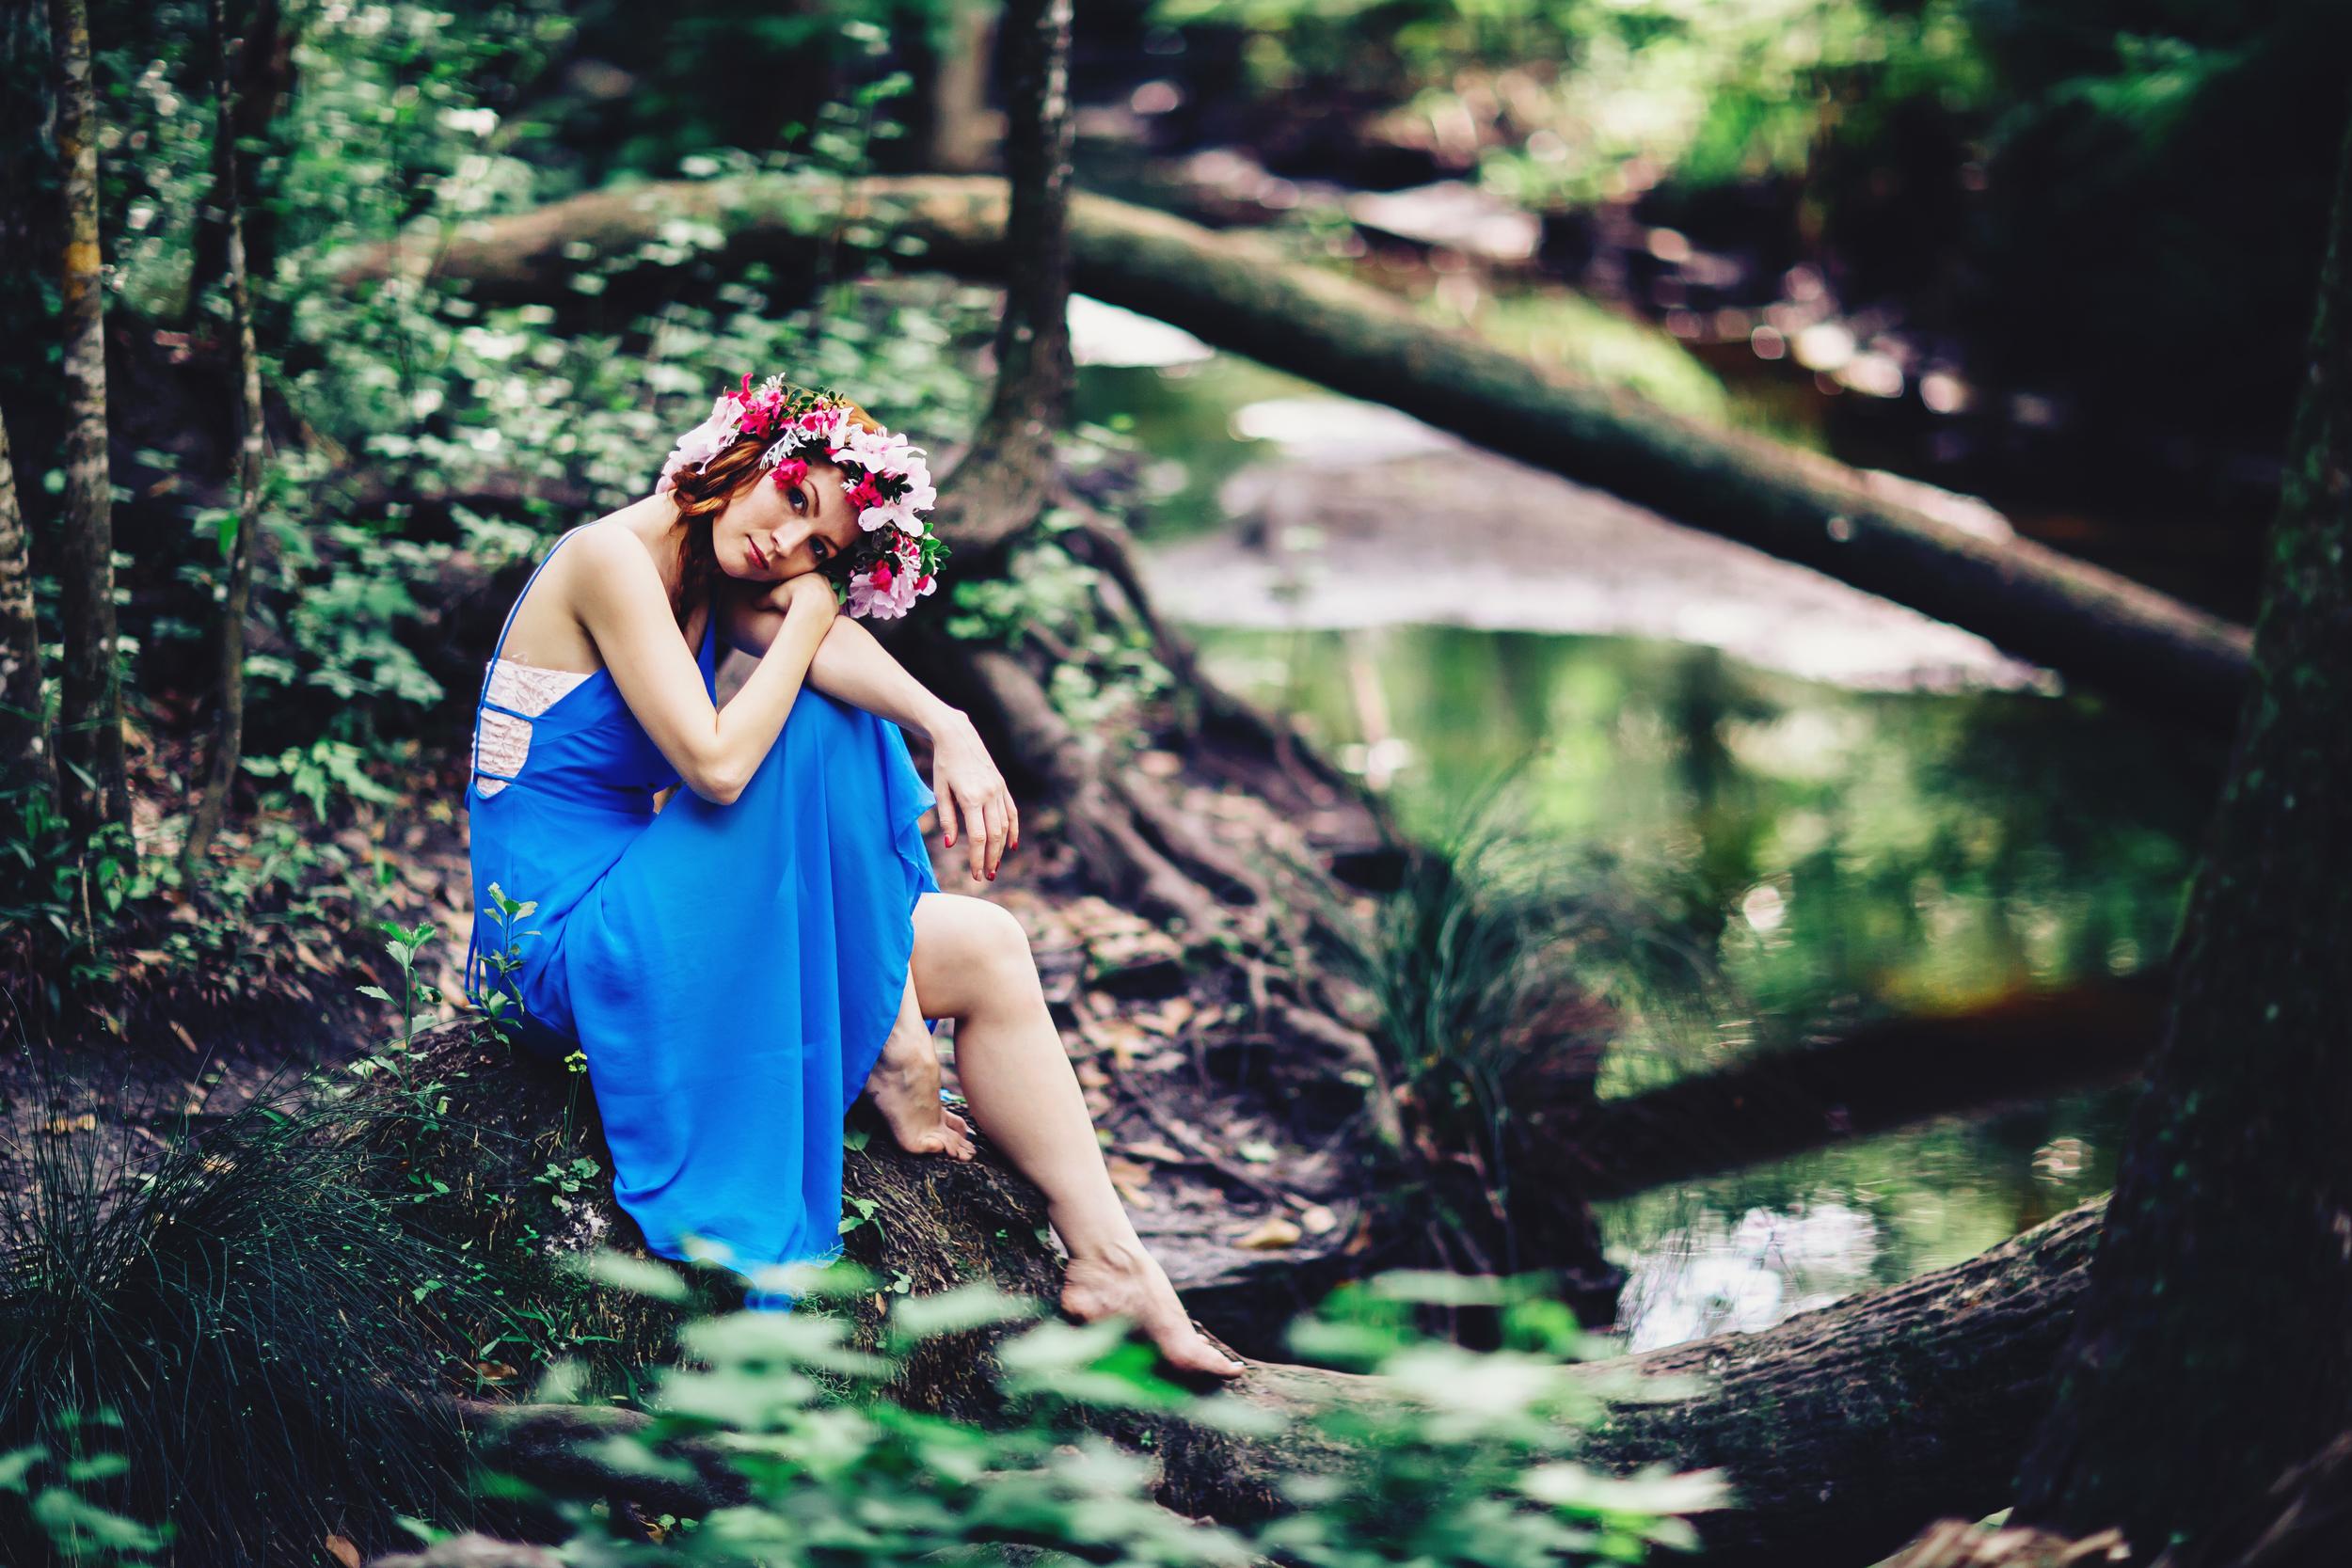 style session eva blue nature forest inspired vsco inspired morocco  sanford photographer shaina deciryan -8387.jpg